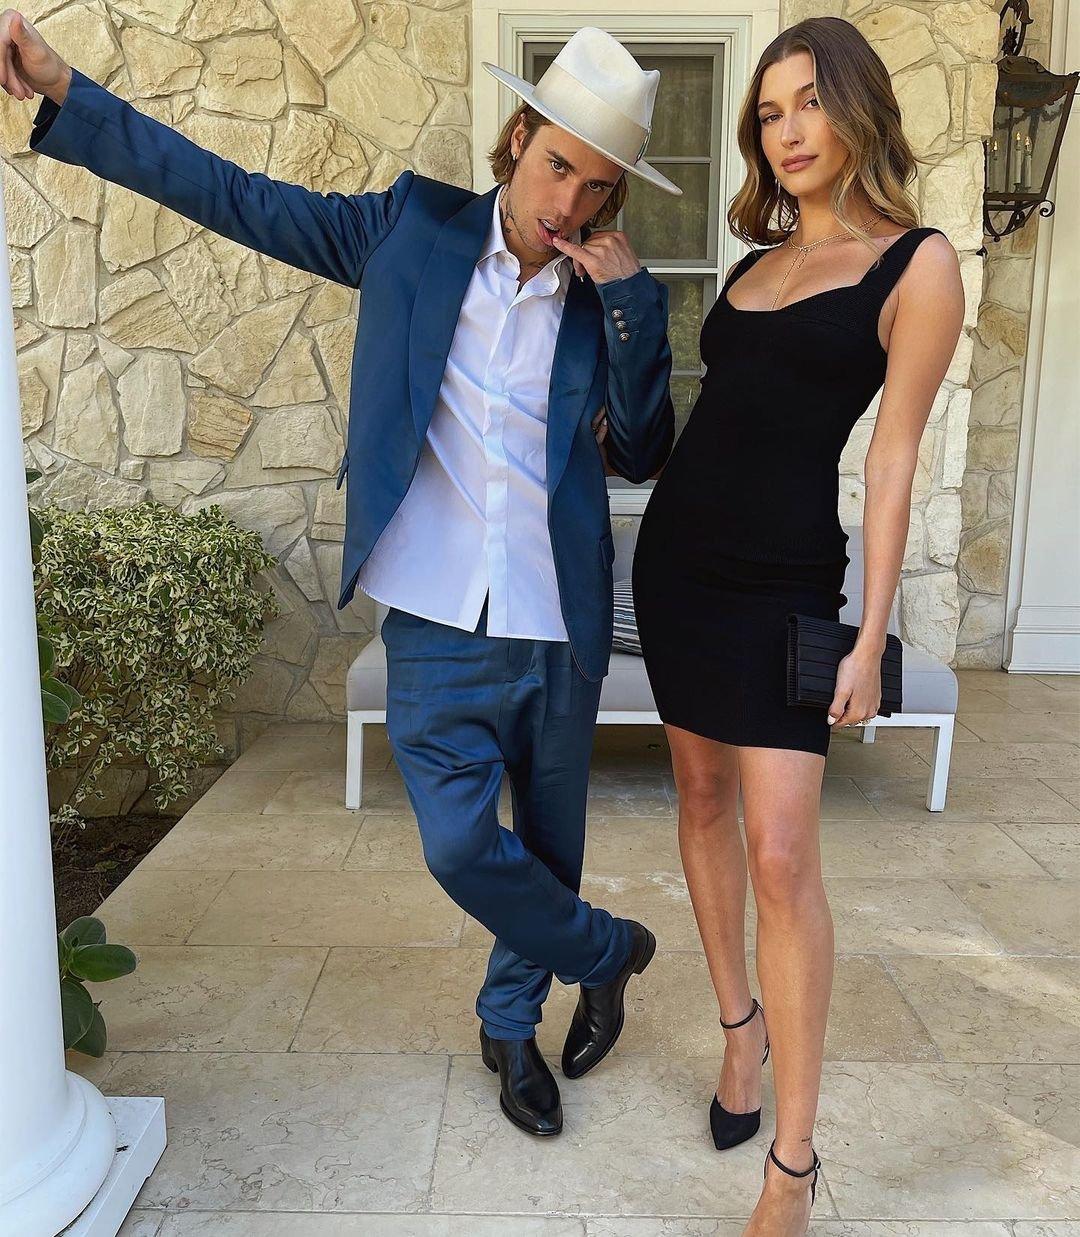 Джастин и Хейли Бибер выбрали неординарные наряды для похода на свадьбу друзей